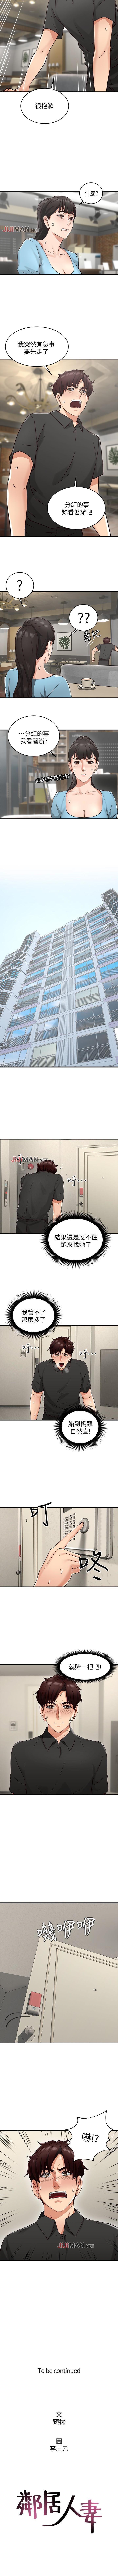 【周六更新】邻居人妻(作者:李周元 & 頸枕) 第1~50话 49